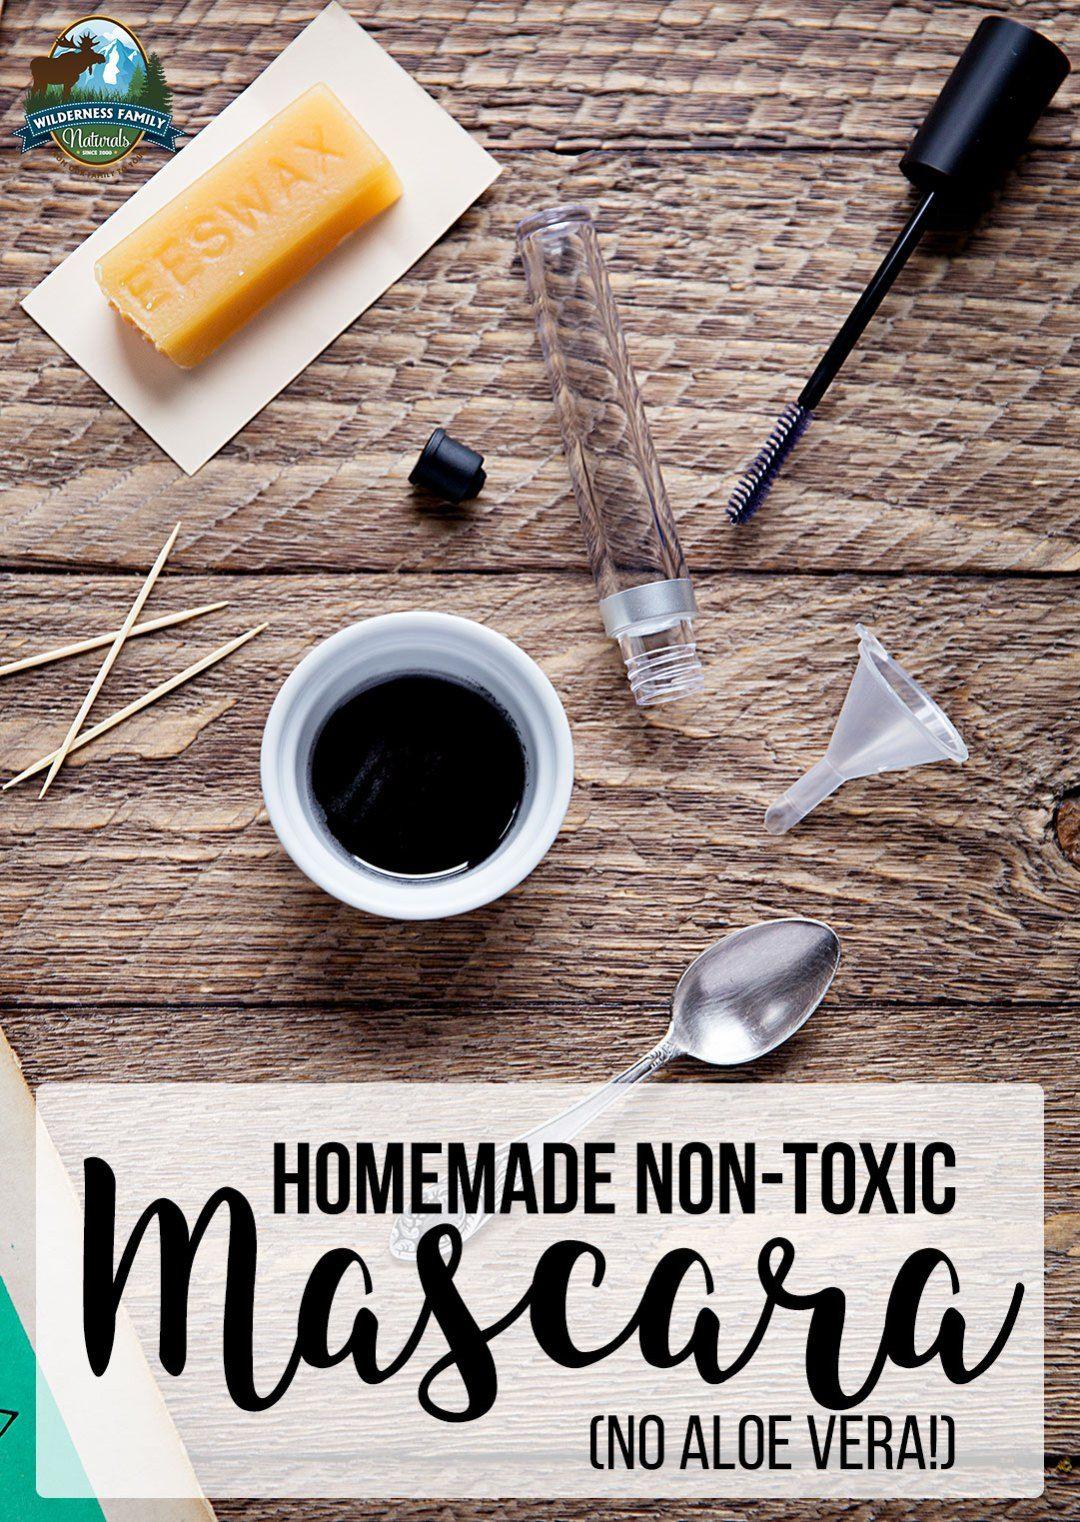 Homemade NonToxic Mascara (no aloe vera!) Homemade